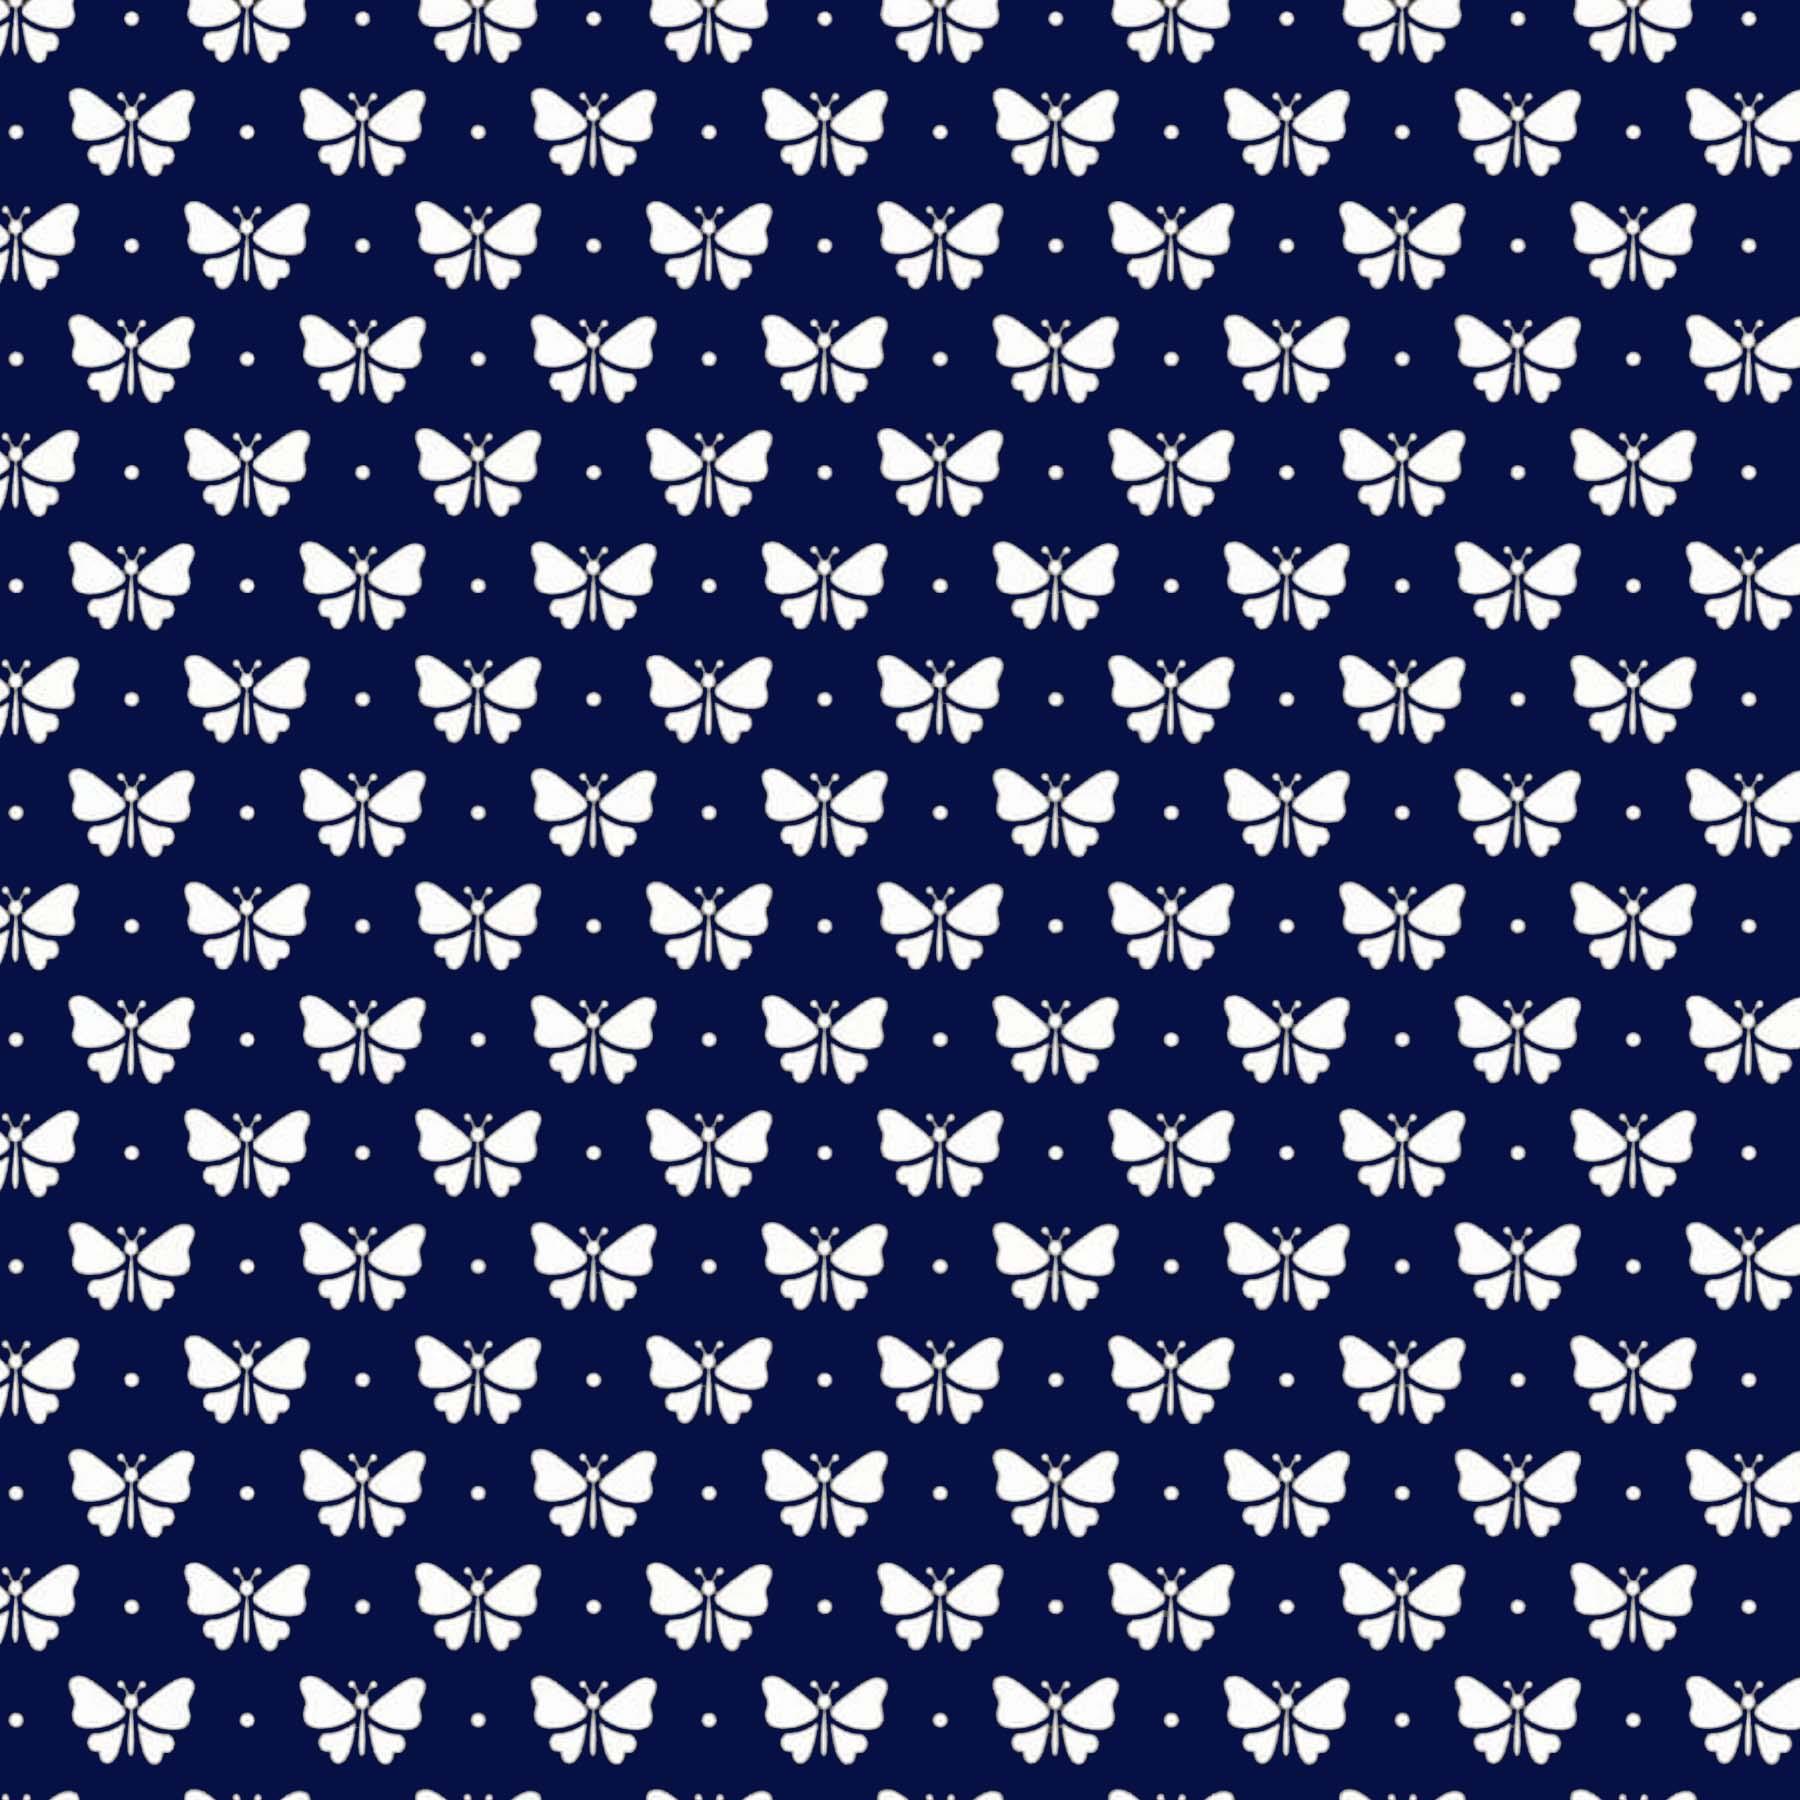 Tecido Tricoline estampado Borboleta Branca fundo azul marinho